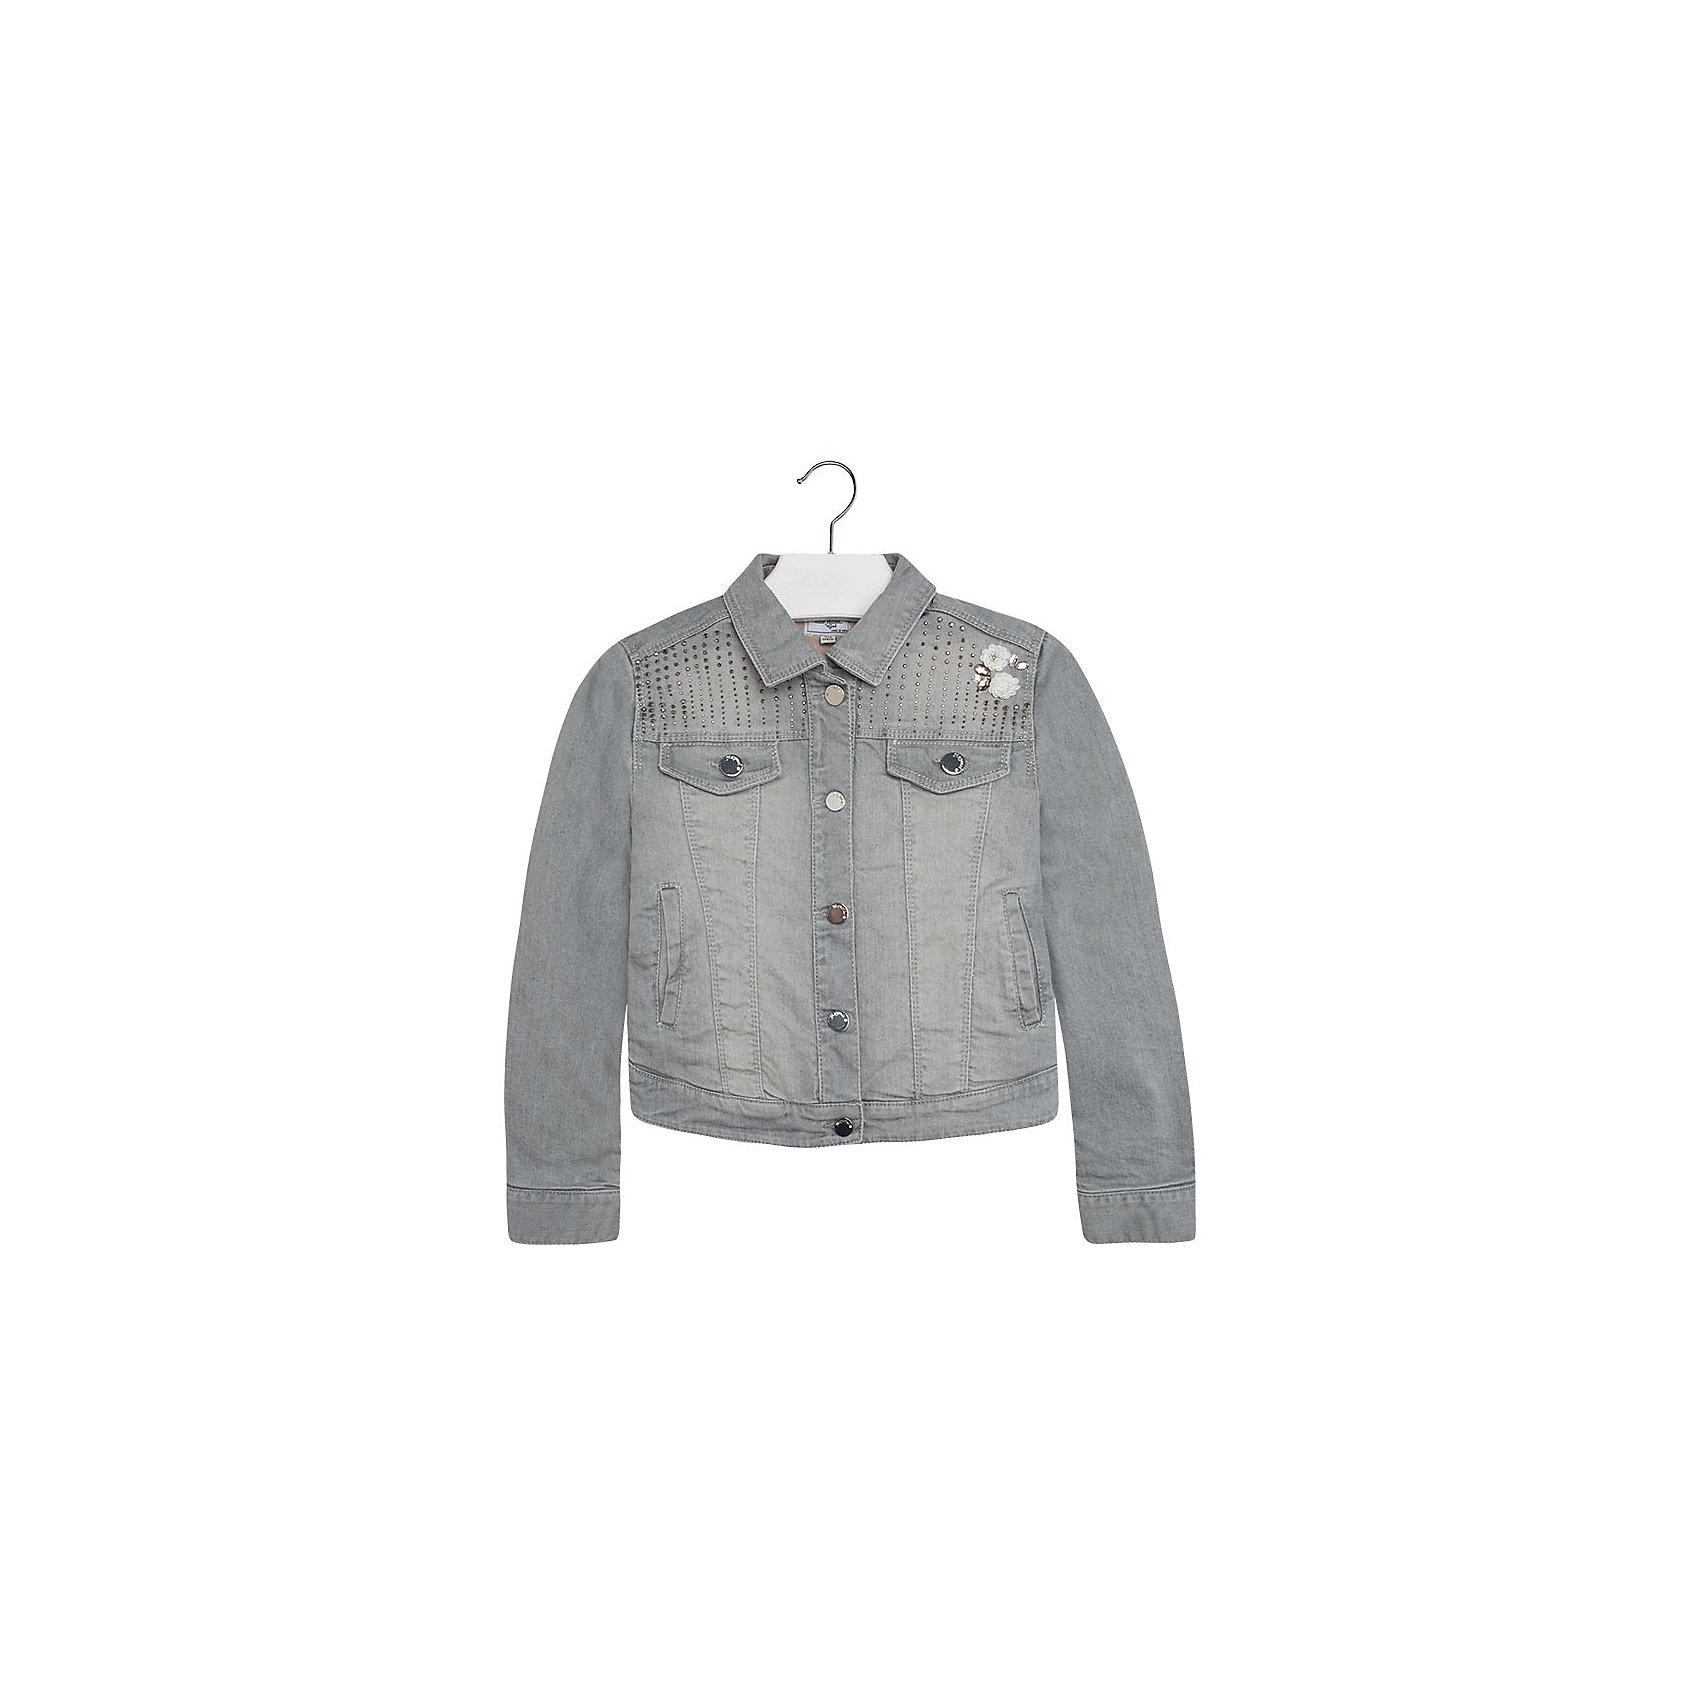 Джинсовая куртка для девочки MayoralДжинсовая одежда<br>Куртка для девочки от популярной испанской марки Mayoral.<br><br>Джинсовая куртка от бренда Mayoral – эффектная и стильная модель. Комфортный крой и качественный материал обеспечит комфорт при ношении этой вещи. Натуральный хлопок в составе изделия делает его дышащим и мягким.<br>Модель имеет следующие особенности:<br><br>- натуральная джинсовая ткань сероватого цвета;<br>- эффект потертостей;<br>- застежки - кнопки;<br>- стразы различного размера и пайетки в качестве украшений.<br><br>Состав: 100% хлопок<br>Уход за изделием:<br><br>стирка в машине при температуре до 30°С,<br>не отбеливать,<br>гладить на низкой температуре.<br><br>Куртку для девочки Mayoral (Майорал) можно купить в нашем магазине.<br><br>Ширина мм: 356<br>Глубина мм: 10<br>Высота мм: 245<br>Вес г: 519<br>Цвет: серый<br>Возраст от месяцев: 132<br>Возраст до месяцев: 144<br>Пол: Женский<br>Возраст: Детский<br>Размер: 152,158,164,128,140<br>SKU: 4190304